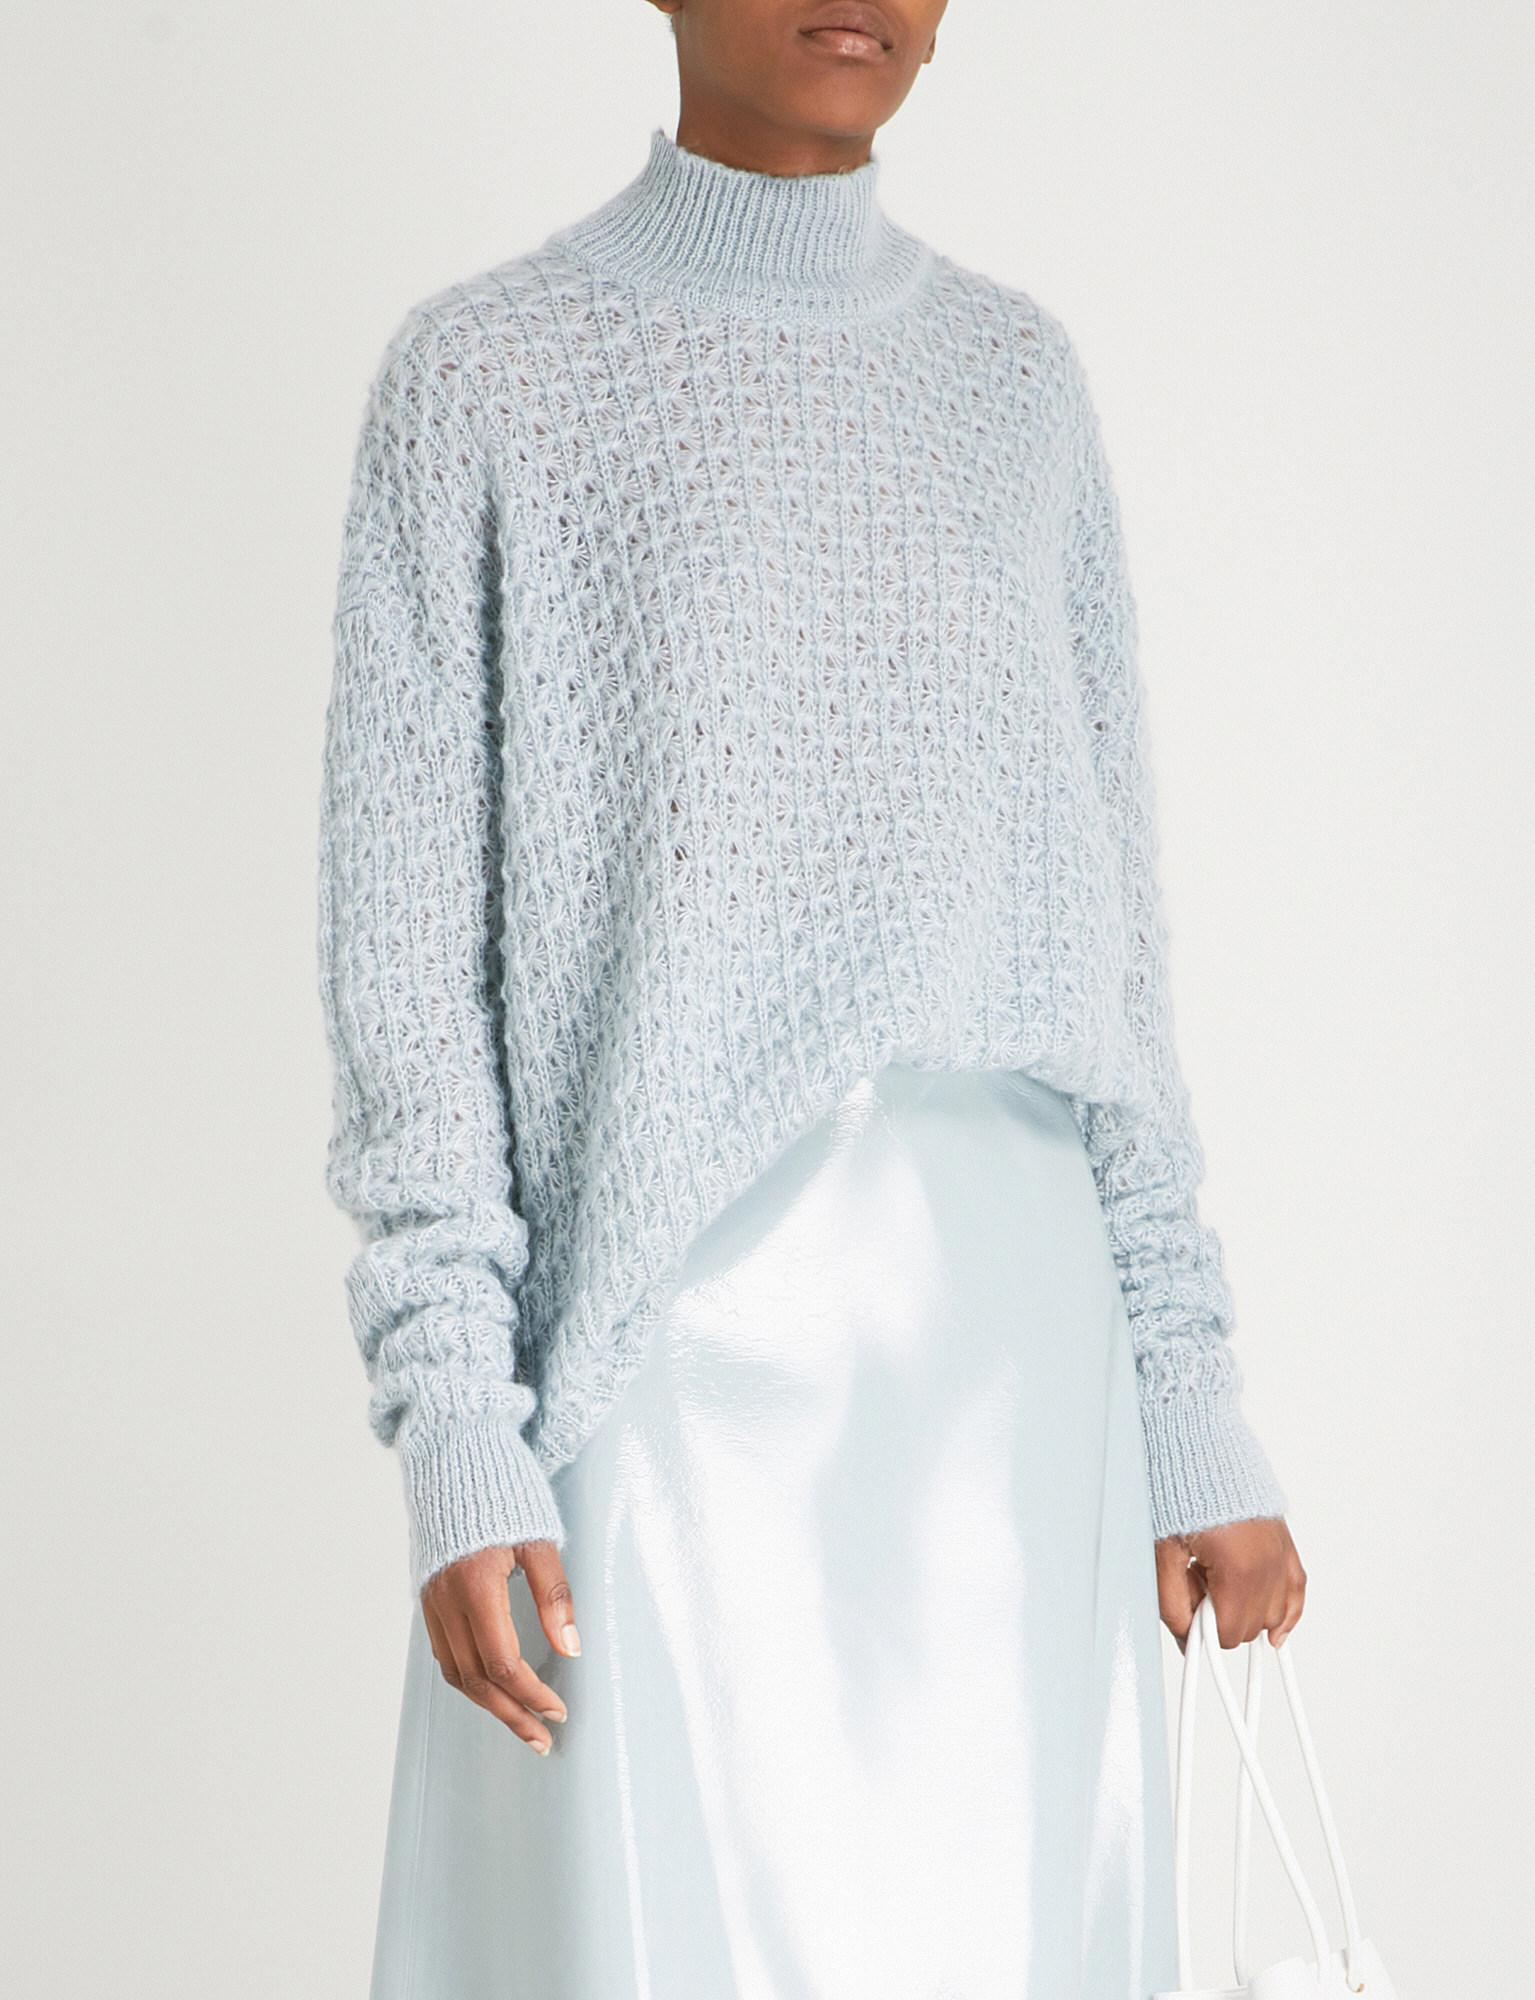 Jil Open Knit Blend Jumper Blue Turtleneck Women's Silk And Mohair Sander rIq46Sxwtr